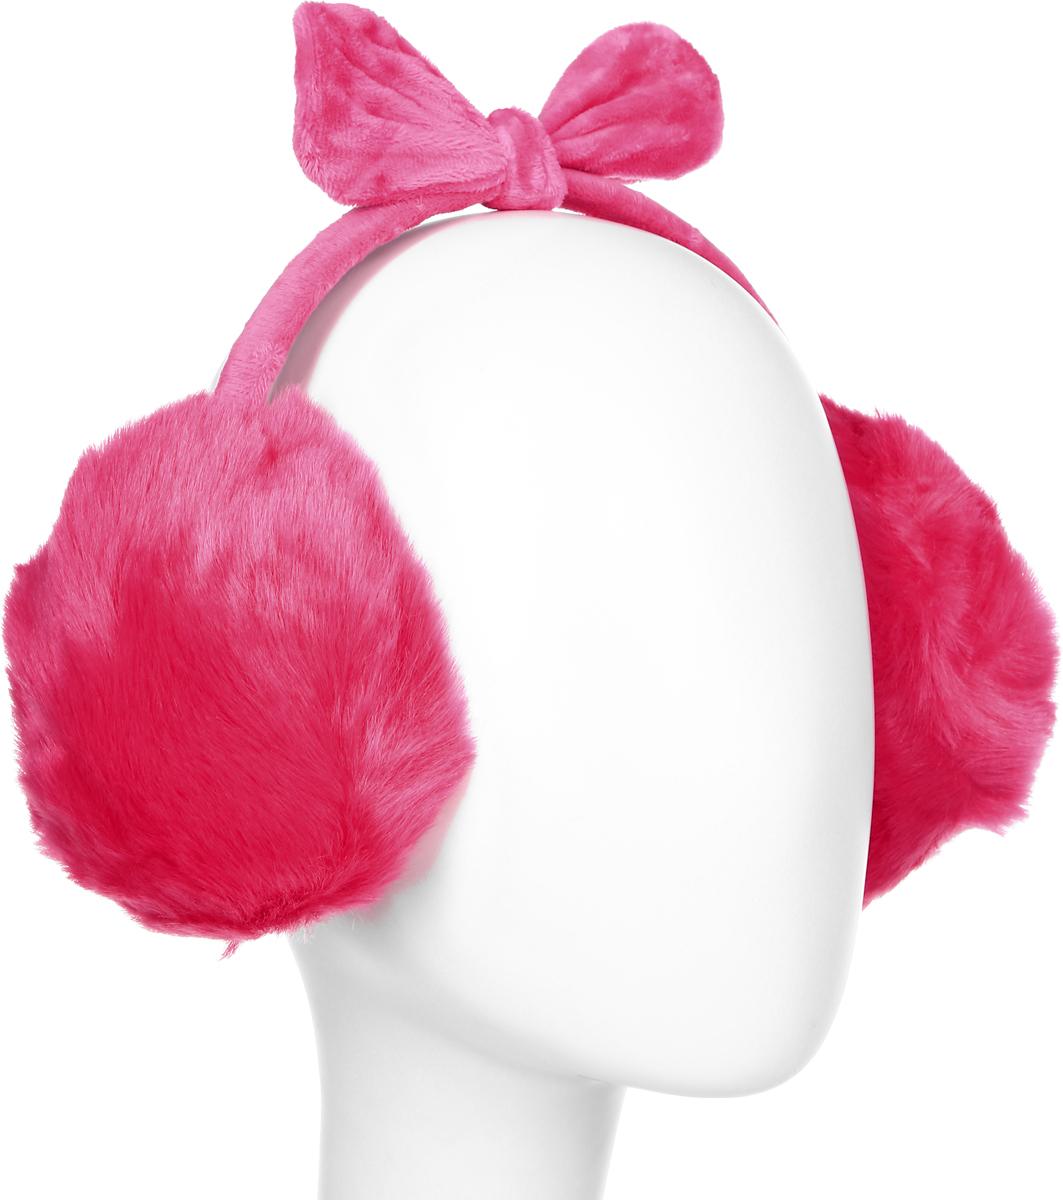 Наушники для девочки Vitacci, цвет: розовый. 1000000402. Размер универсальный1000000402